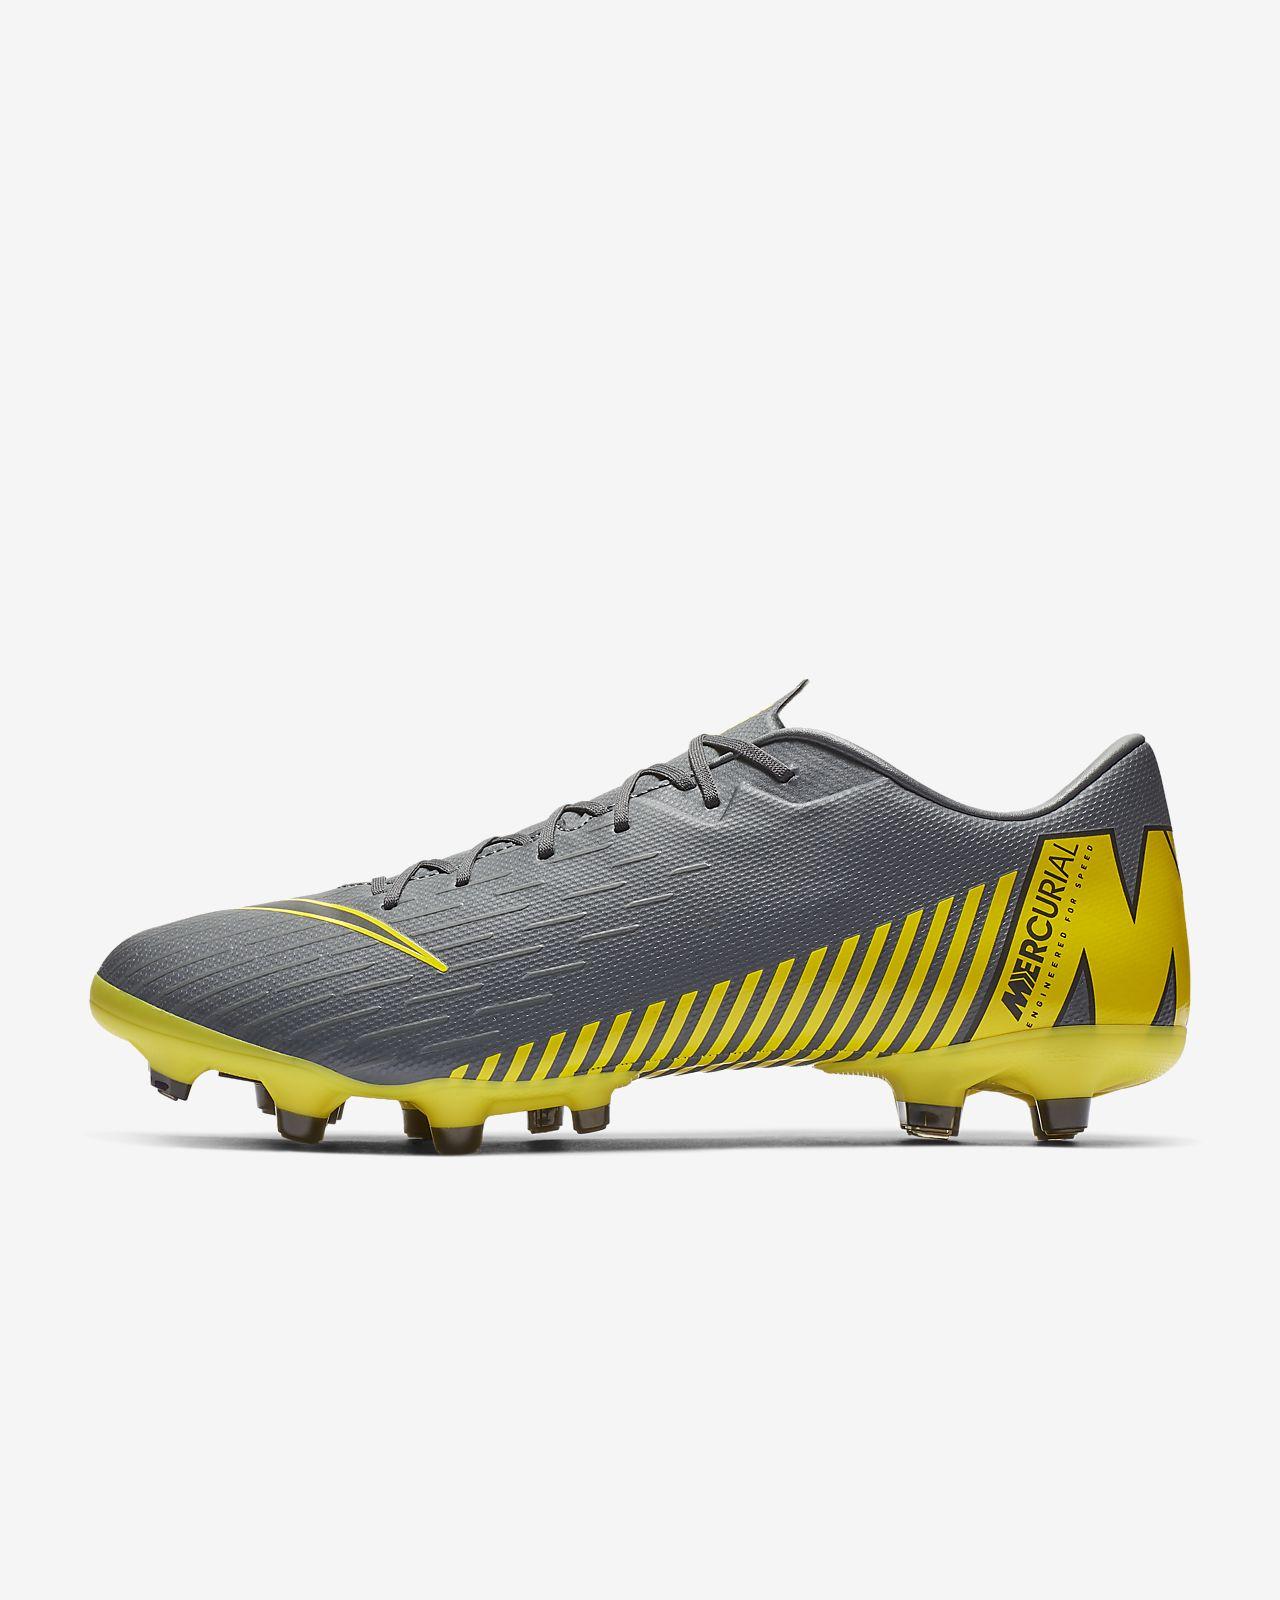 1d0d71184a7a ... Chaussure de football multi-terrains à crampons Nike Vapor 12 Academy MG